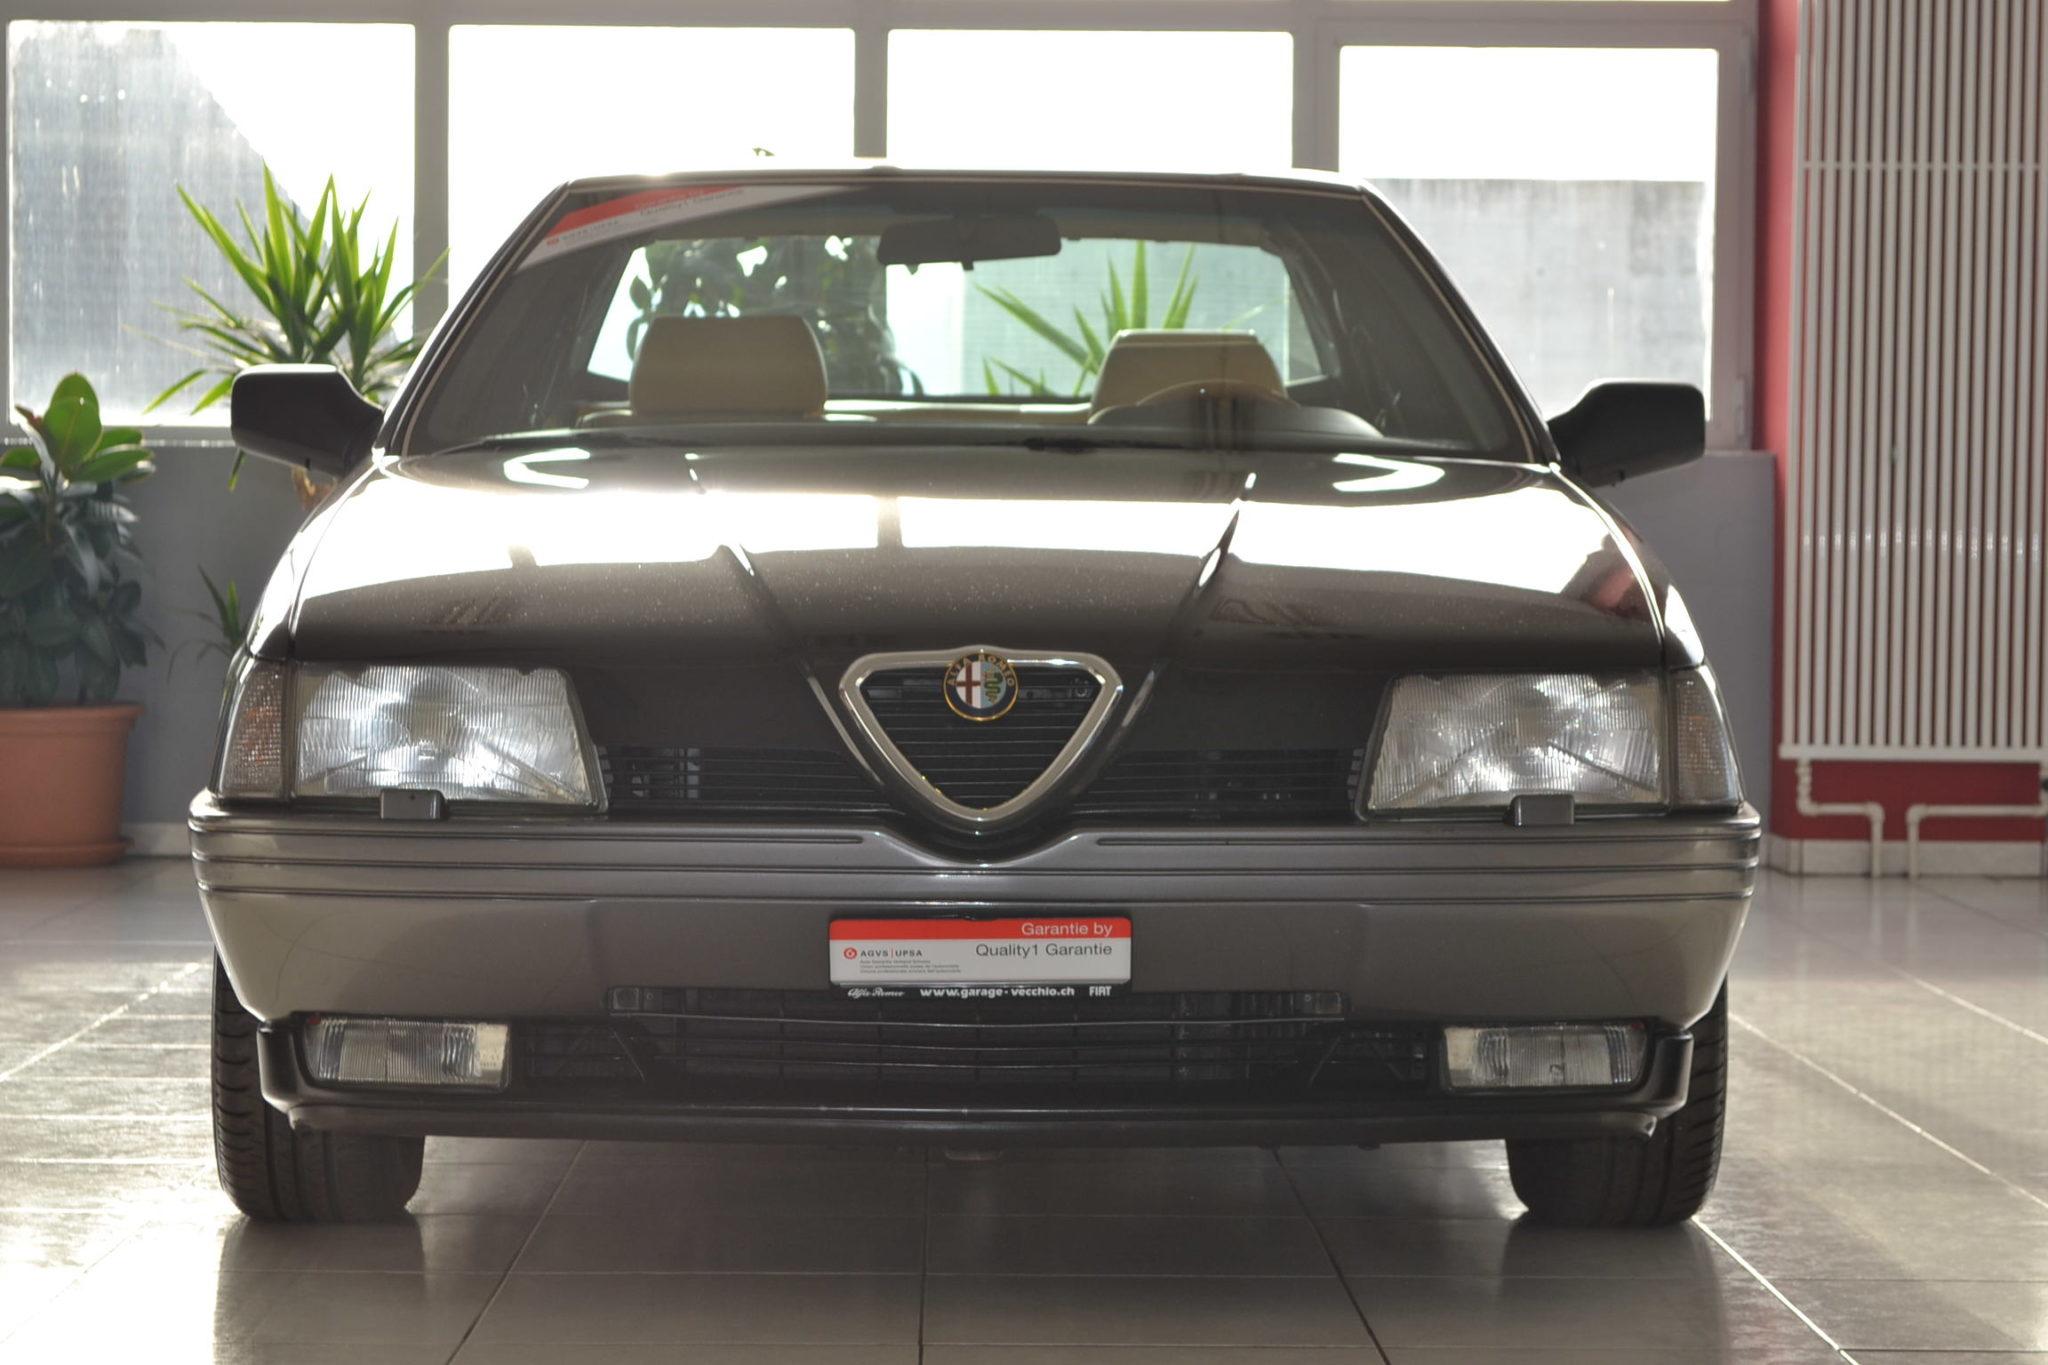 Alfa romeo 164 2 0 v6 turbo nero mettalizzato garage for Garage alfa romeo 95